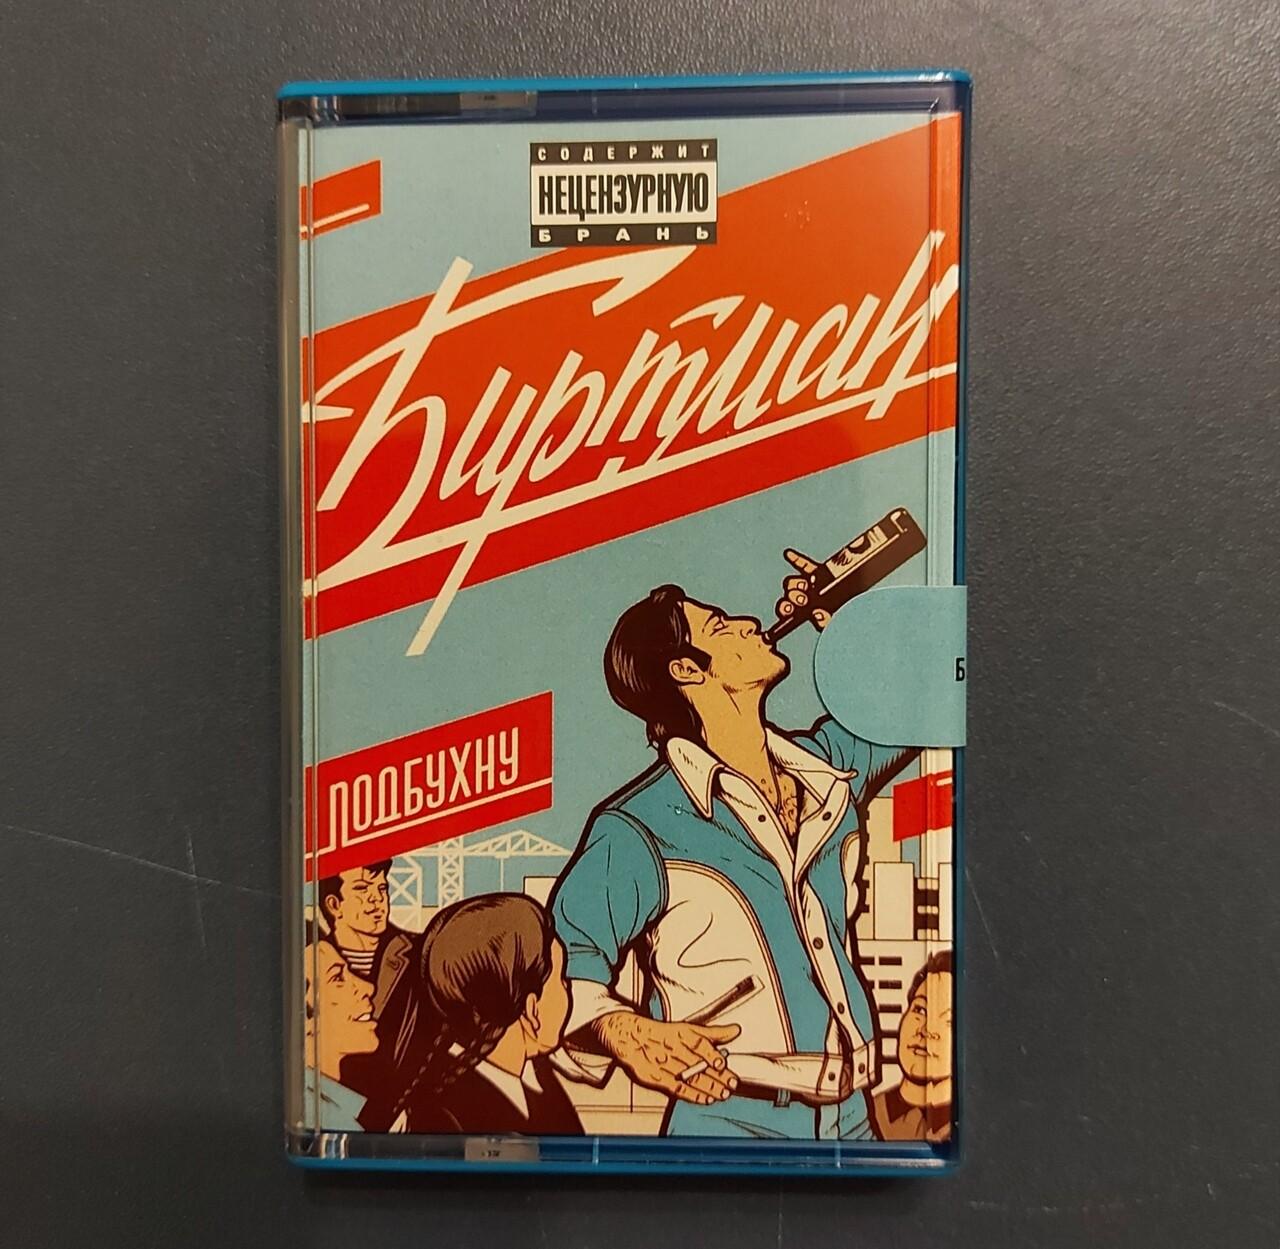 MC: БИРТМАН — «Подбухну» (2019/2020) [Limited Tape Edition]